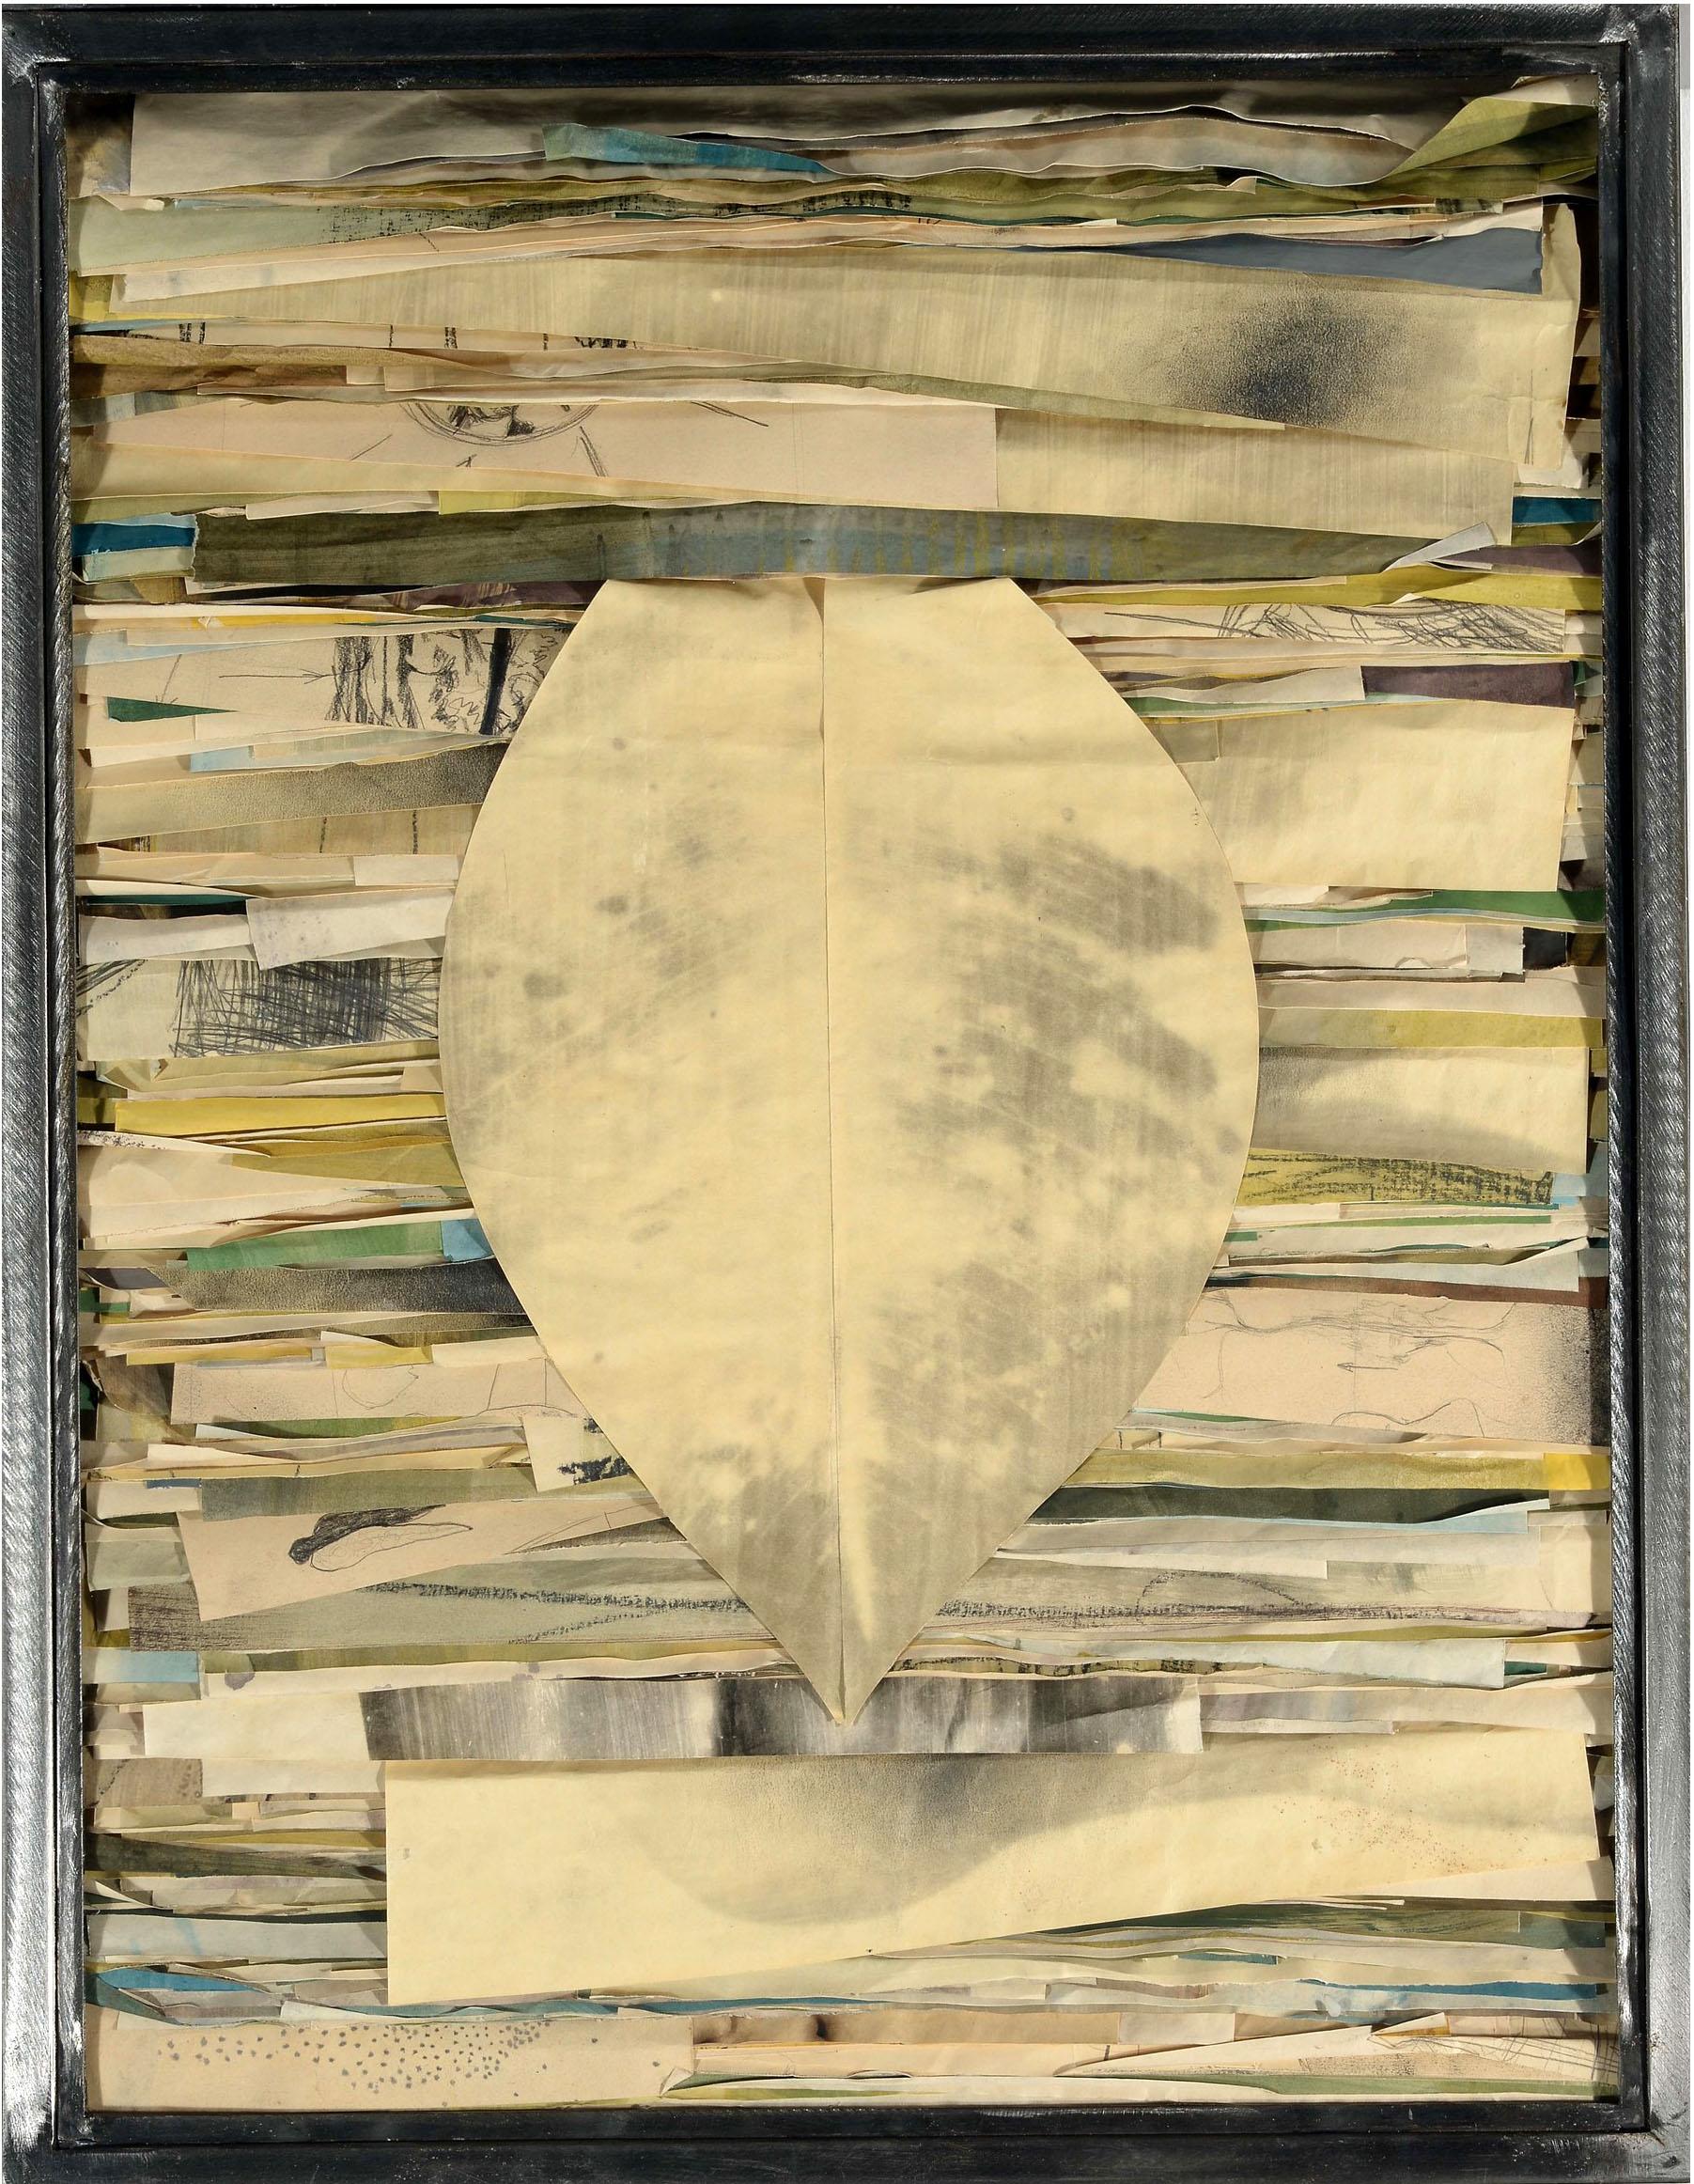 Senza titolo 1998  Tecnica mista su carta , ferro, vetro  cm. 80 x 61,5